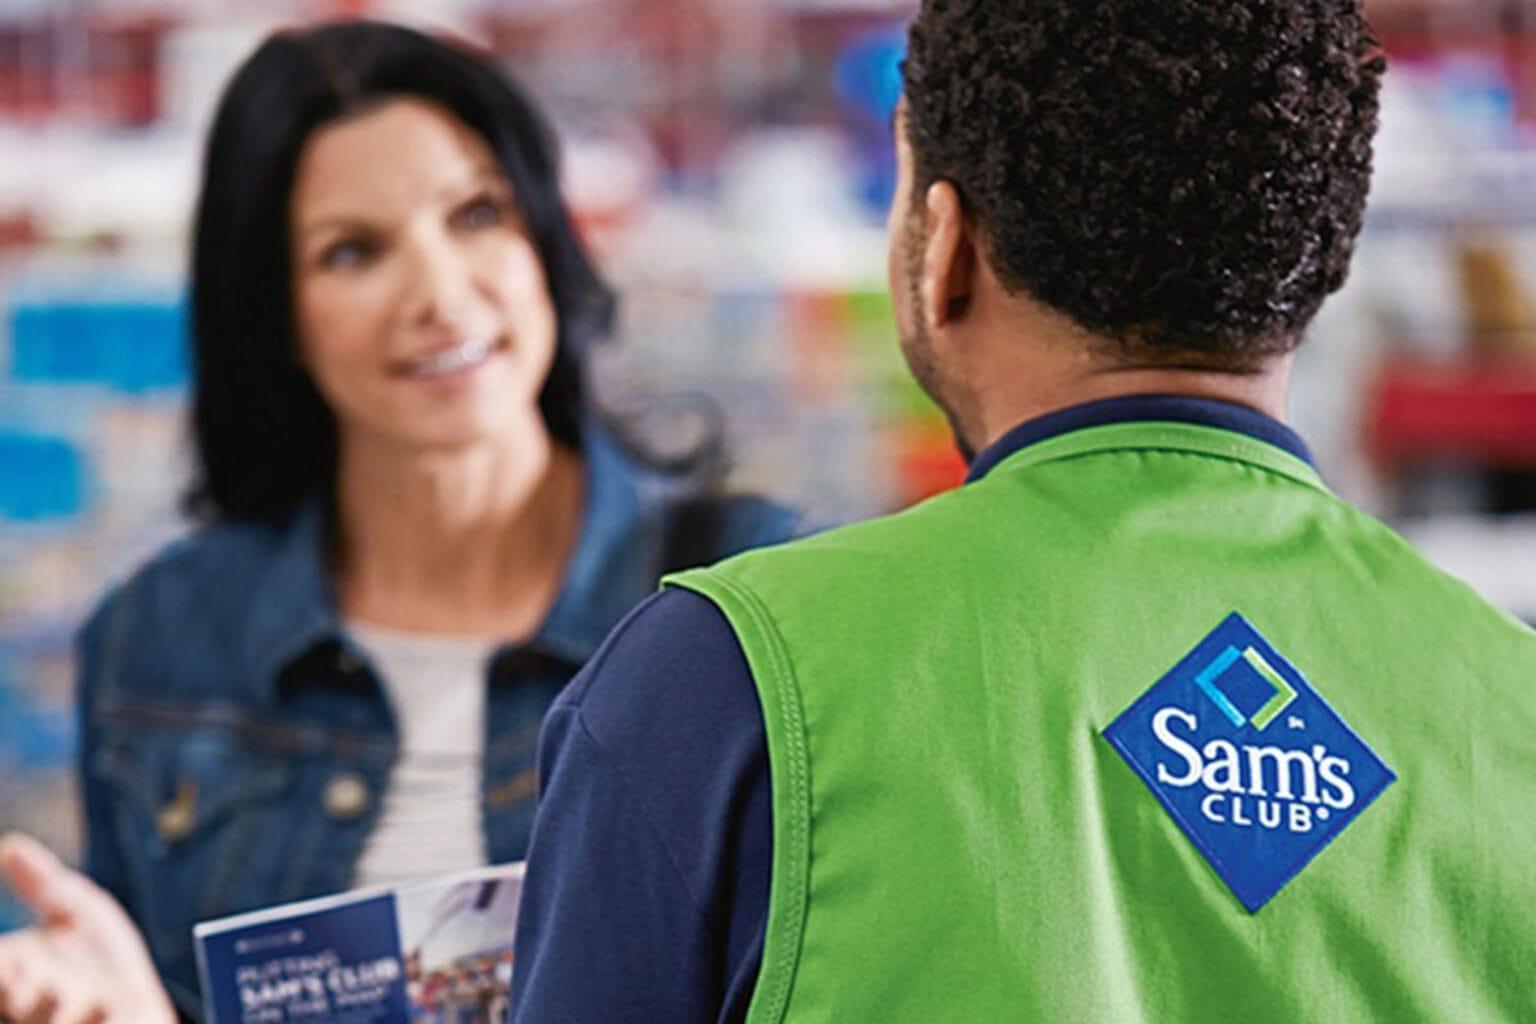 Enjoy perks & savings for less than $30 with this Sam's Club membership.